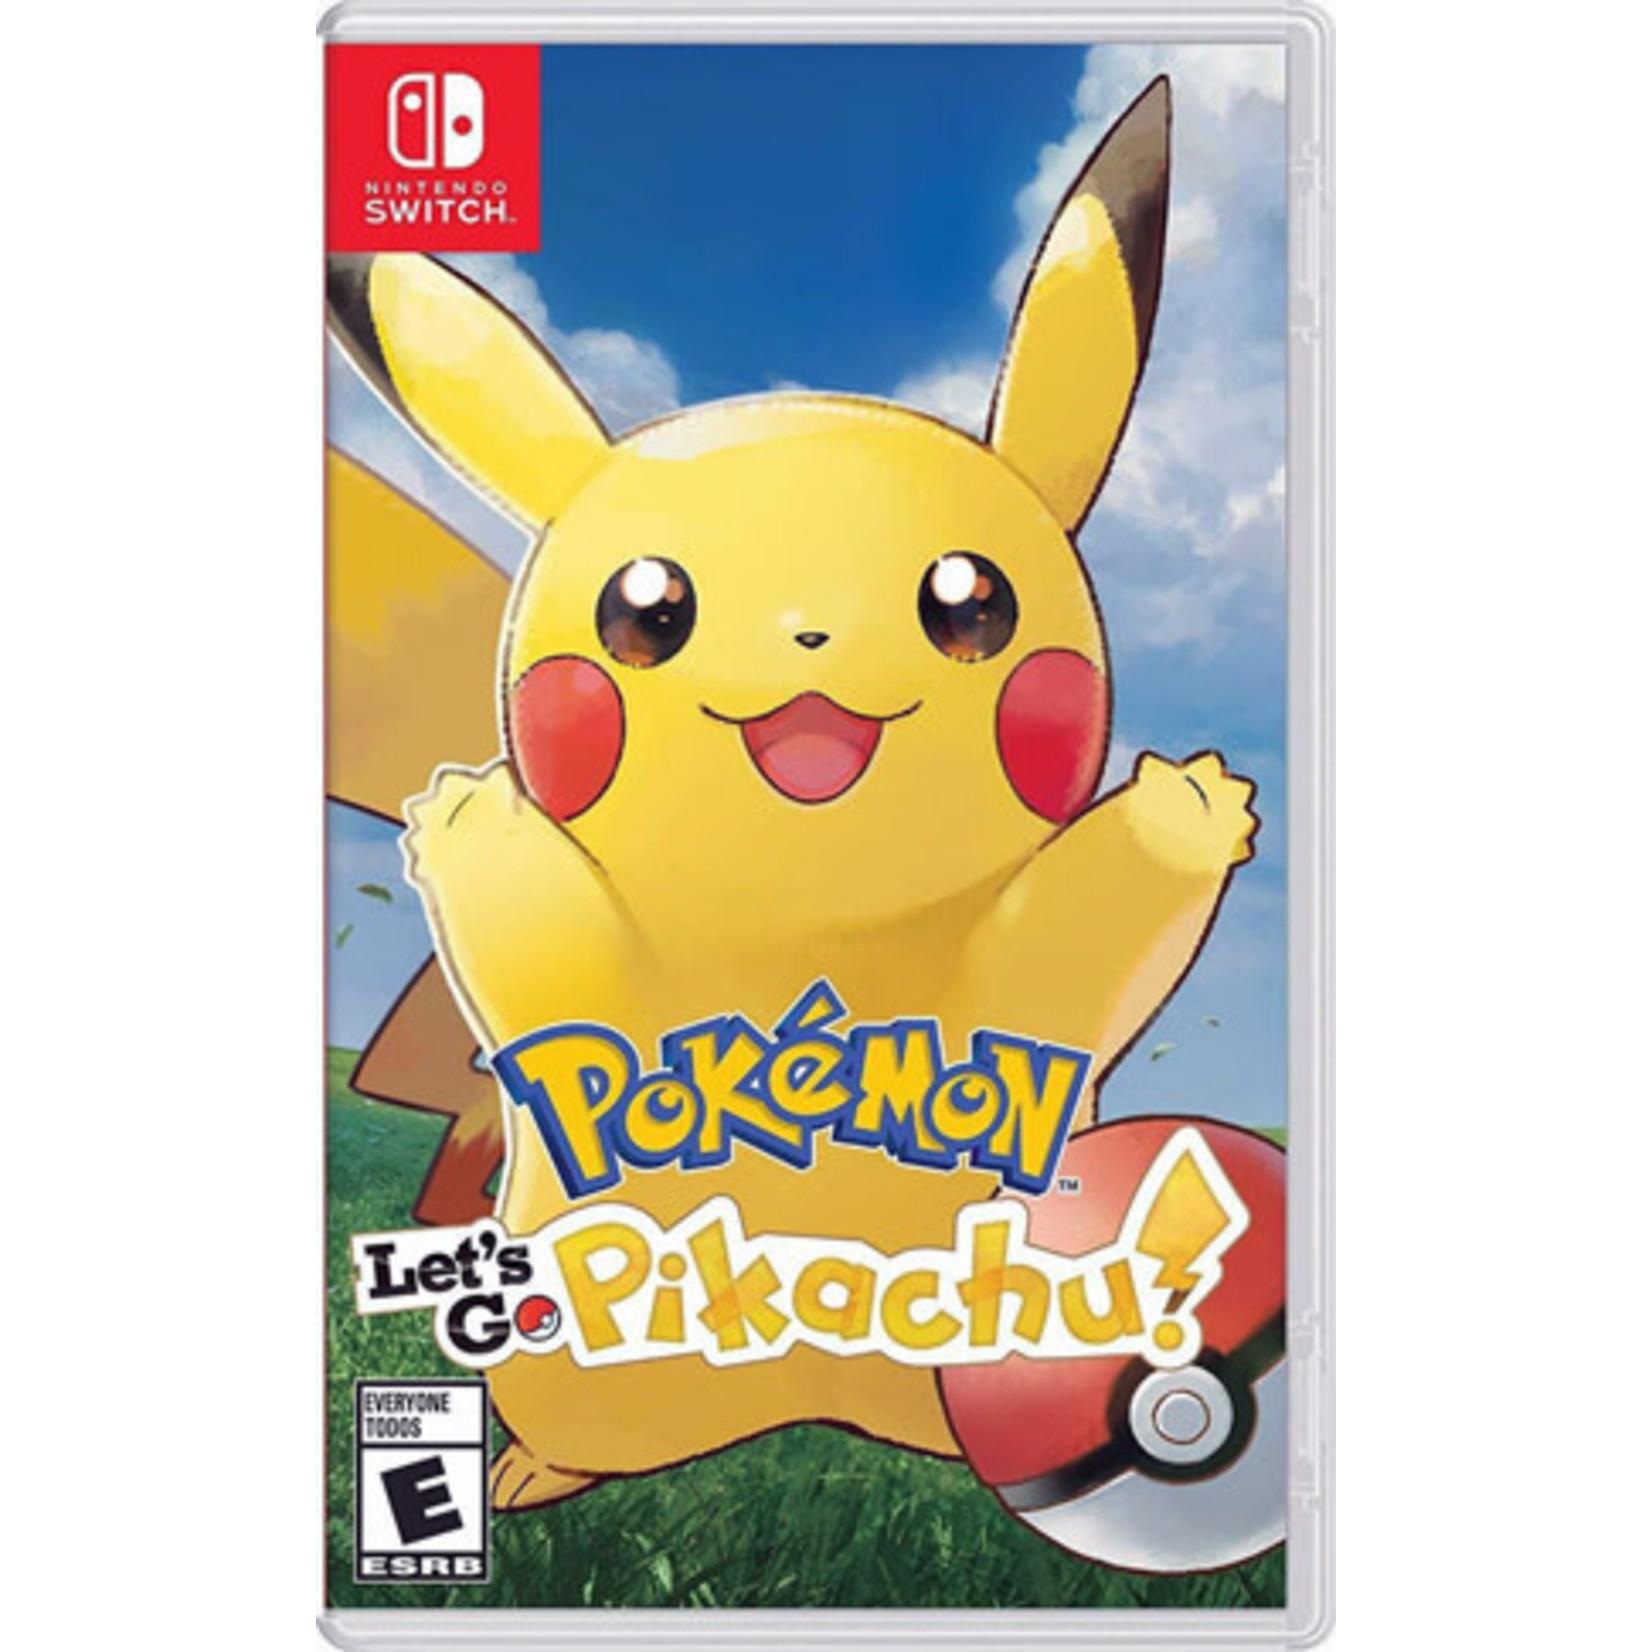 Switch-Pokemon: Let's Go, Pikachu!